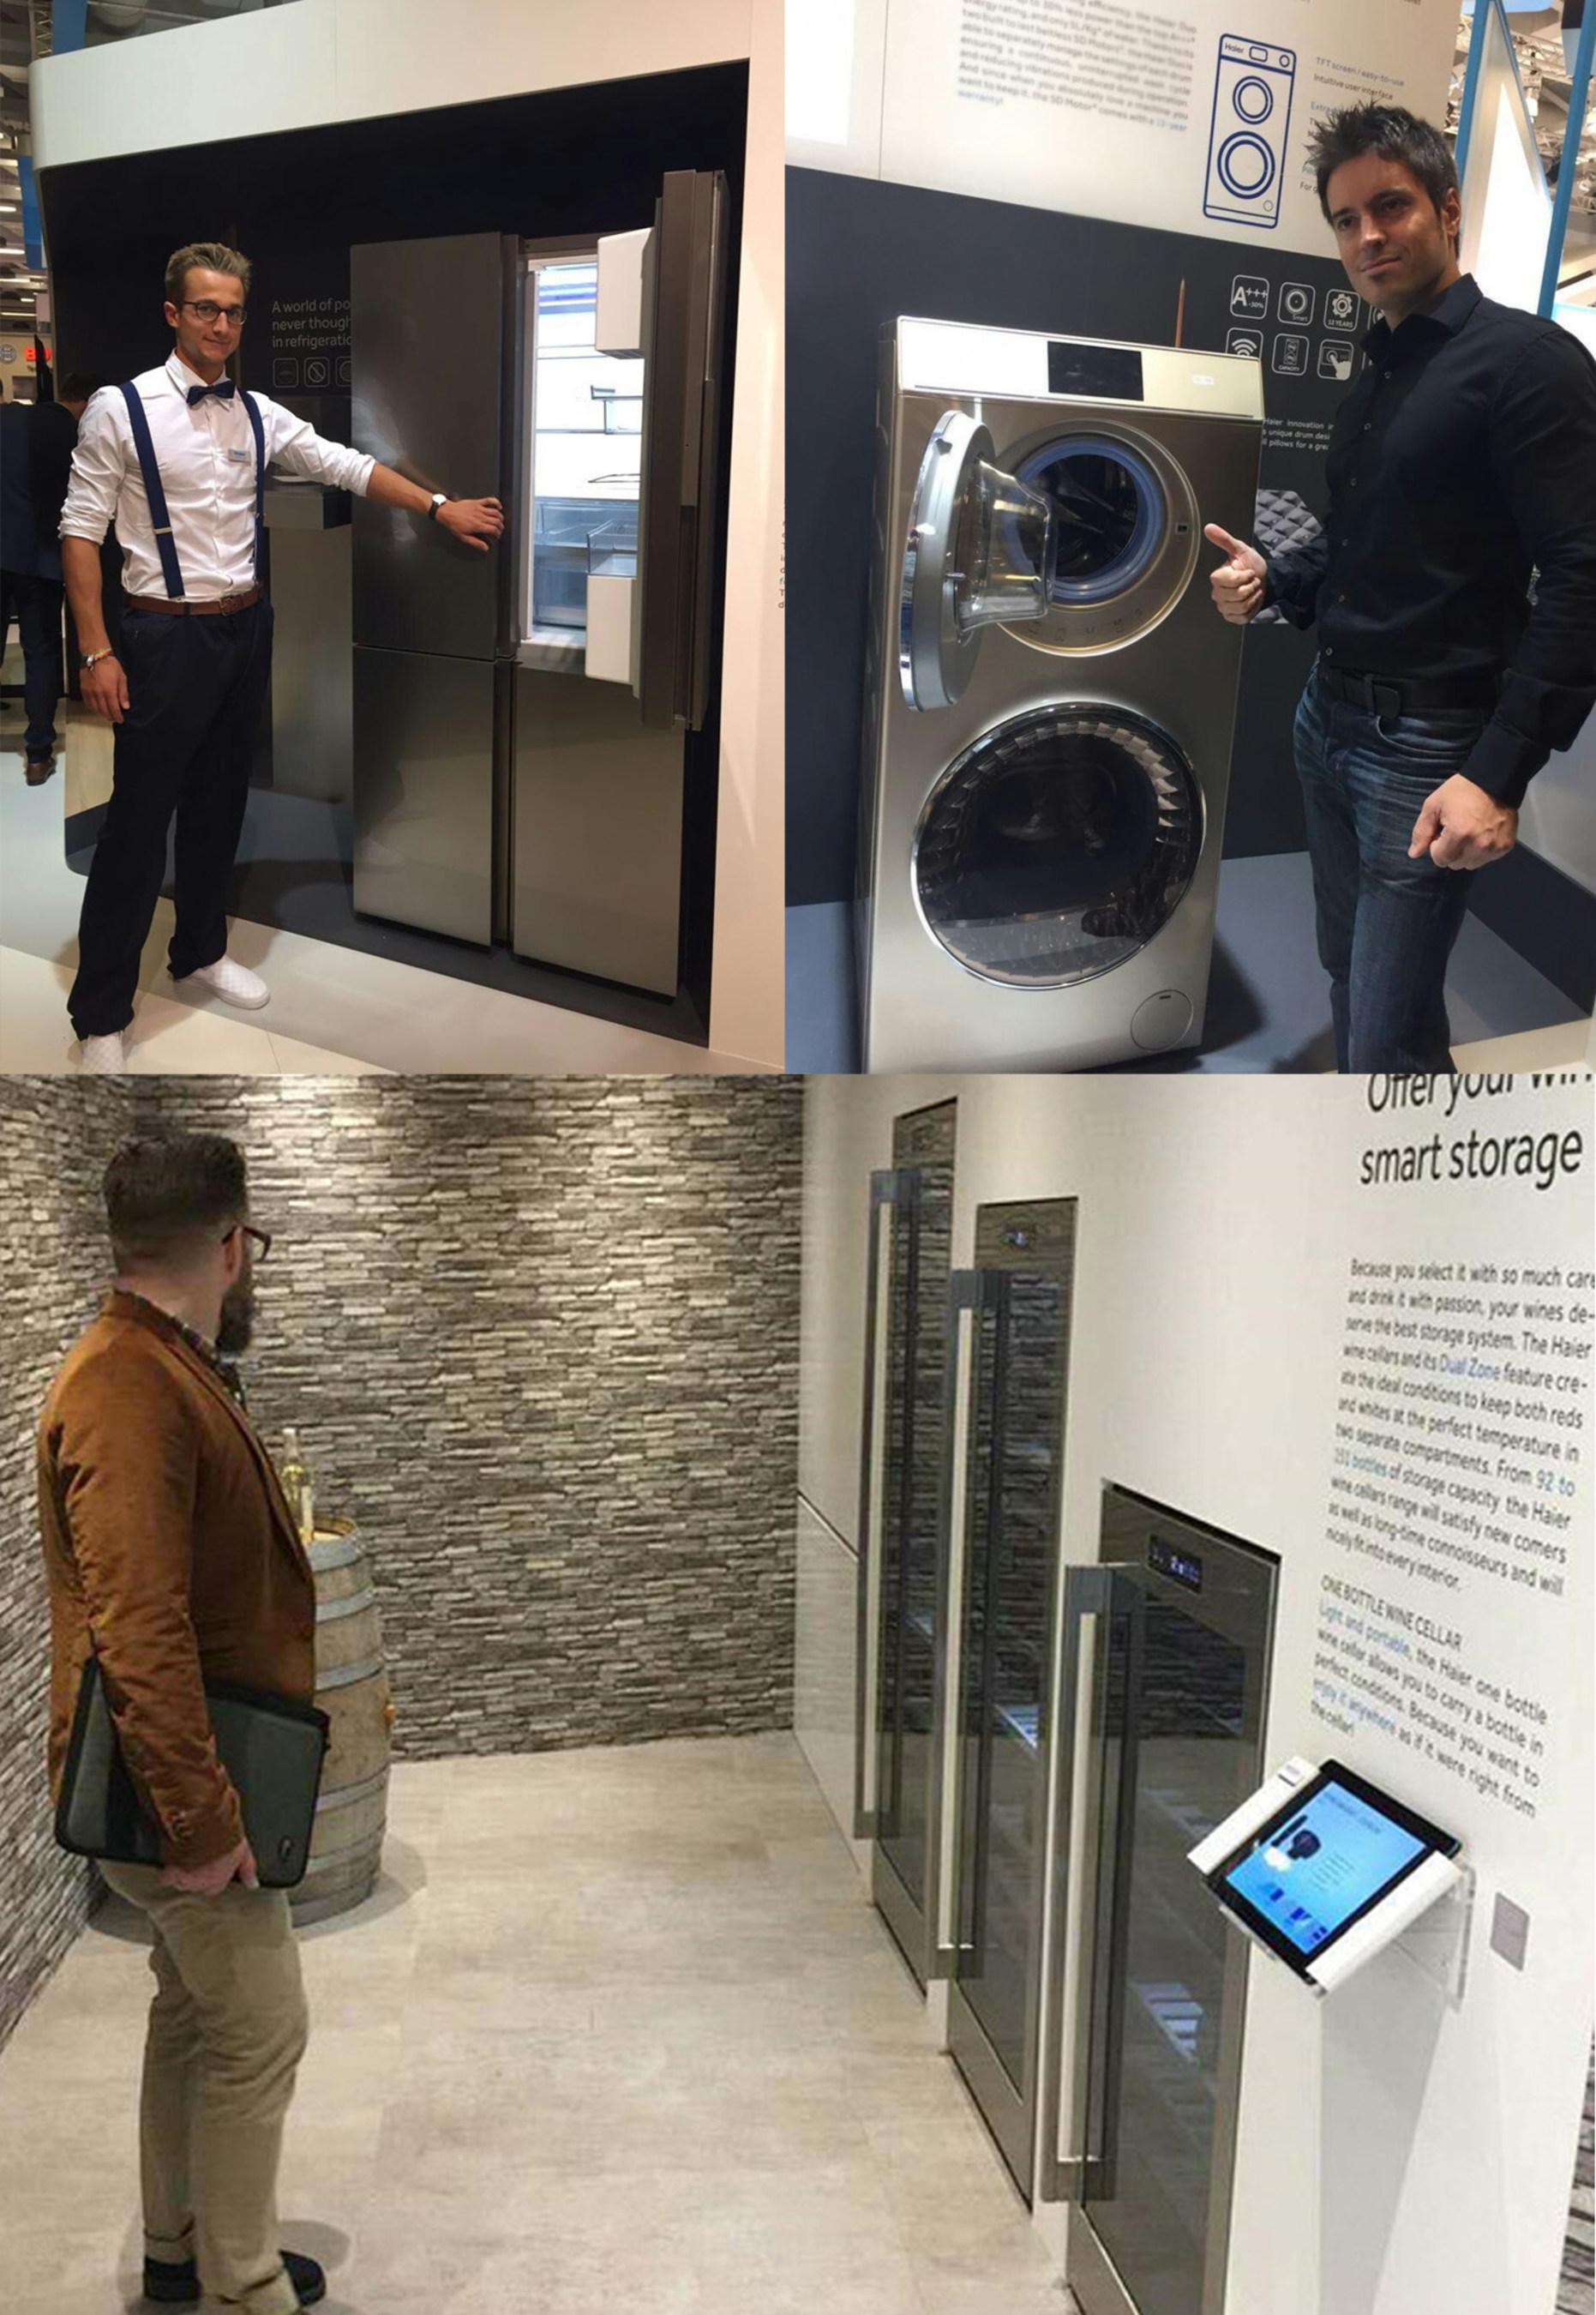 IFA 2015: Größte Ausstellung der Welt für intelligente Geräte, die für bessere Gesundheit und